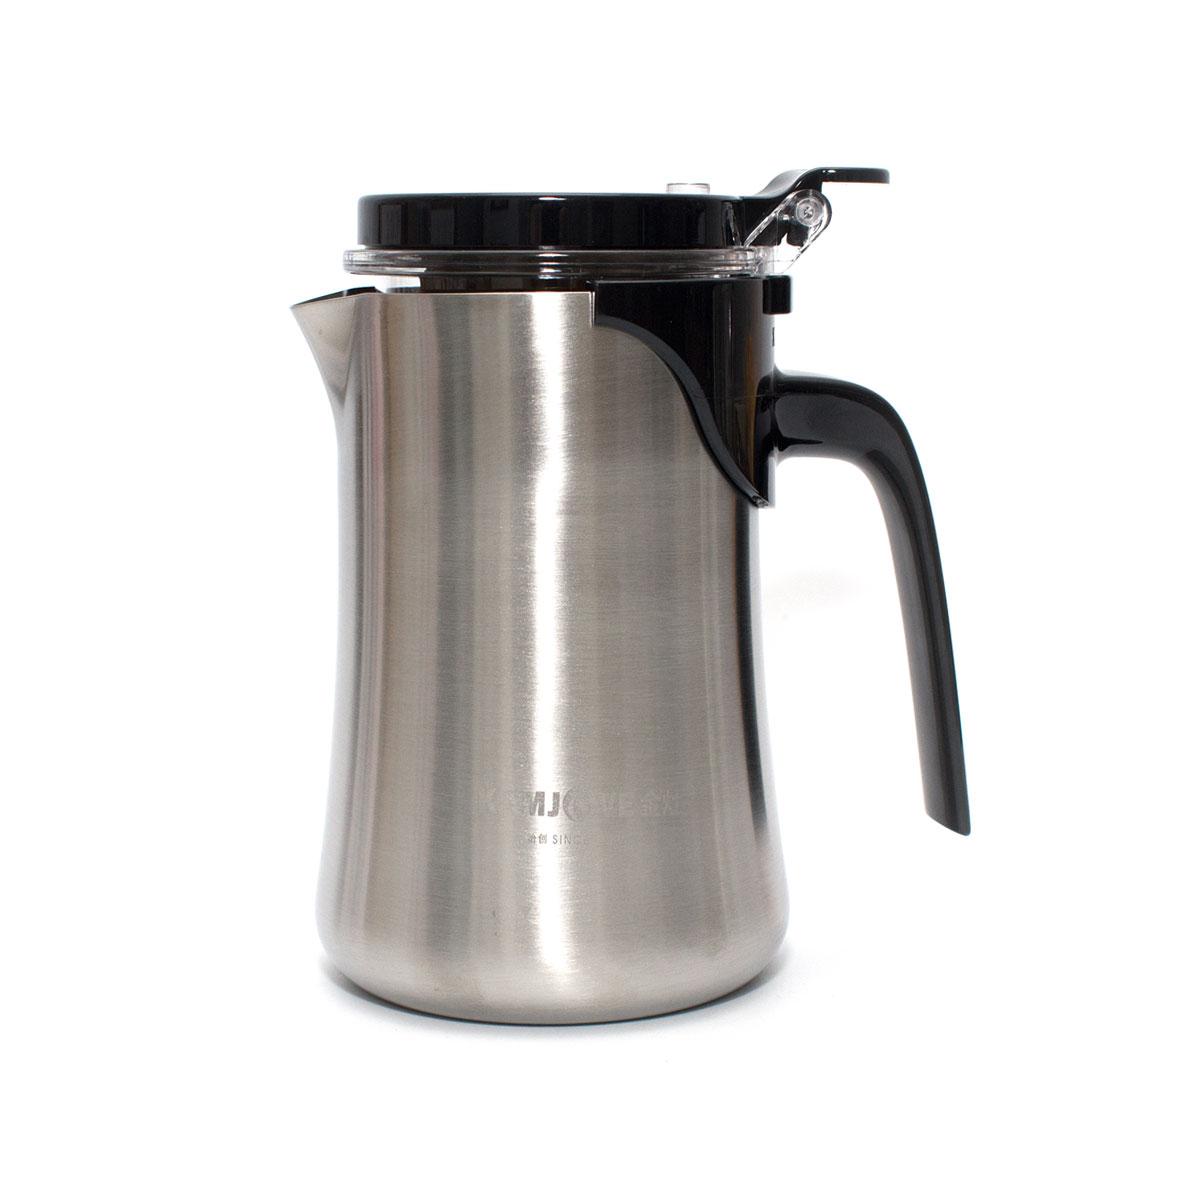 Чайник заварочный Гунфу Kamjove TО-650Е, 650 мл